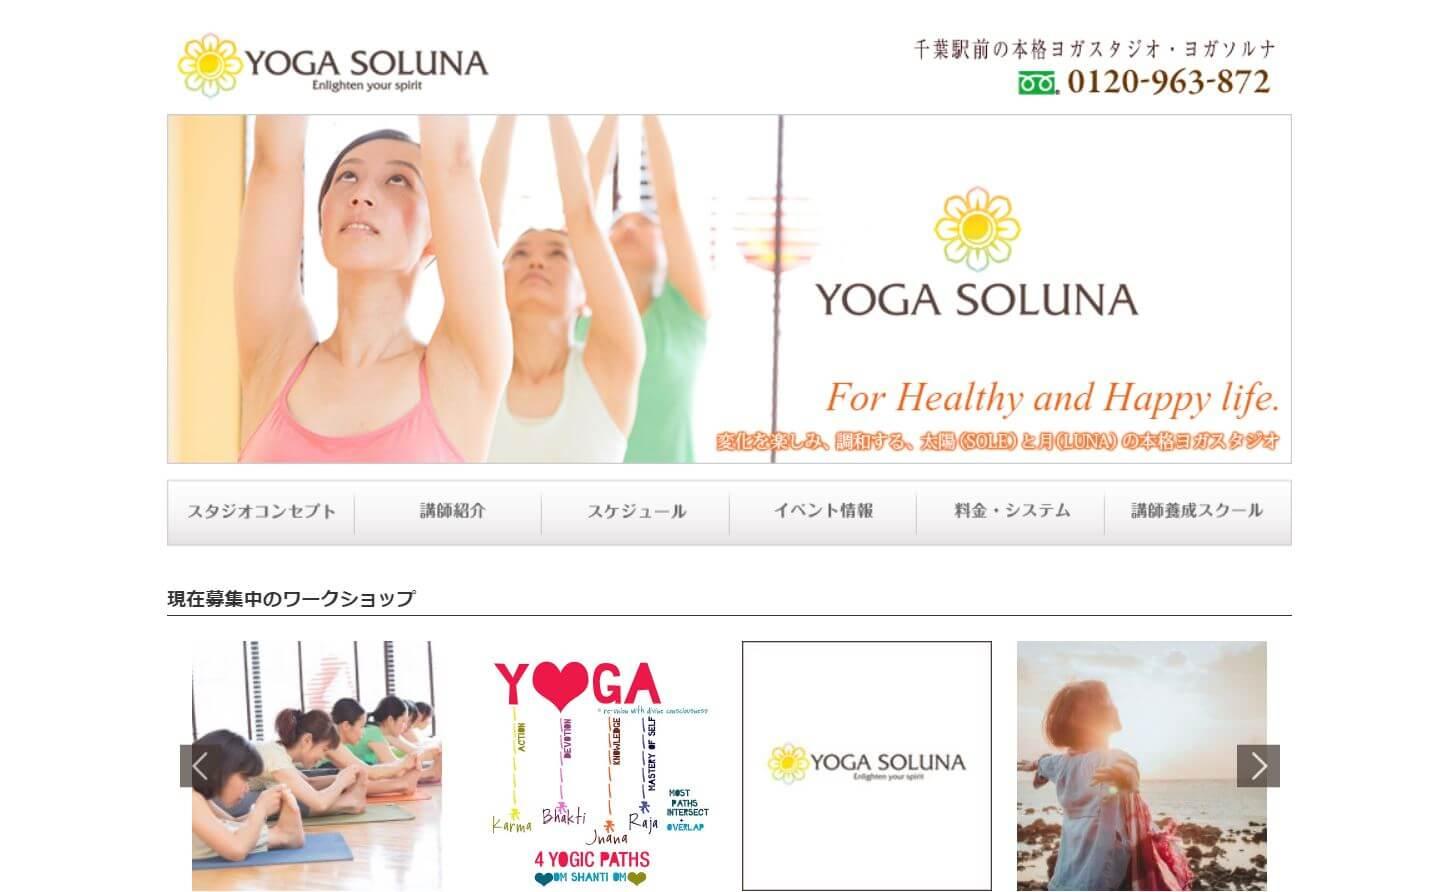 YOGA SOLUNA(ヨガソルナ)